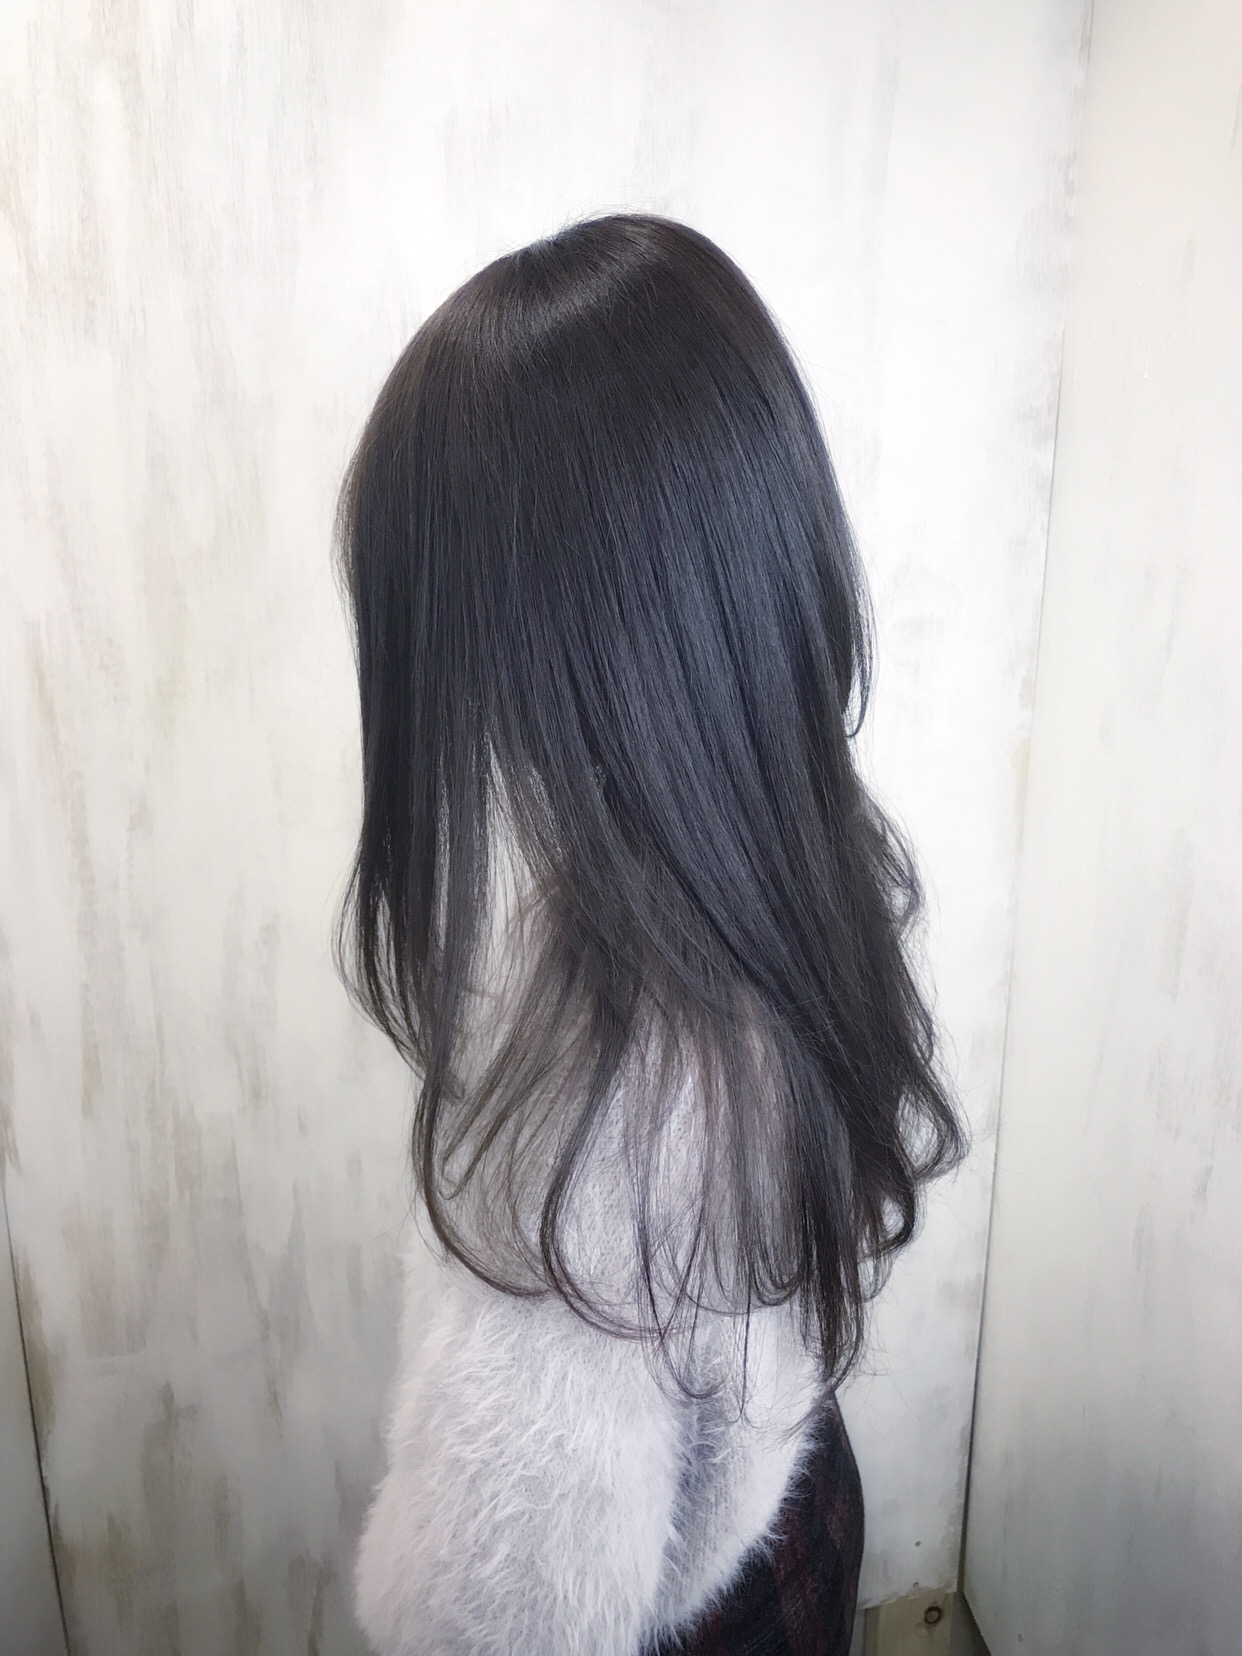 【ジュエリーシステム×縮毛矯正】で透き通るような艶髪。原宿・表参道『1000人をツヤ髪にヘアケア美容師の挑戦』